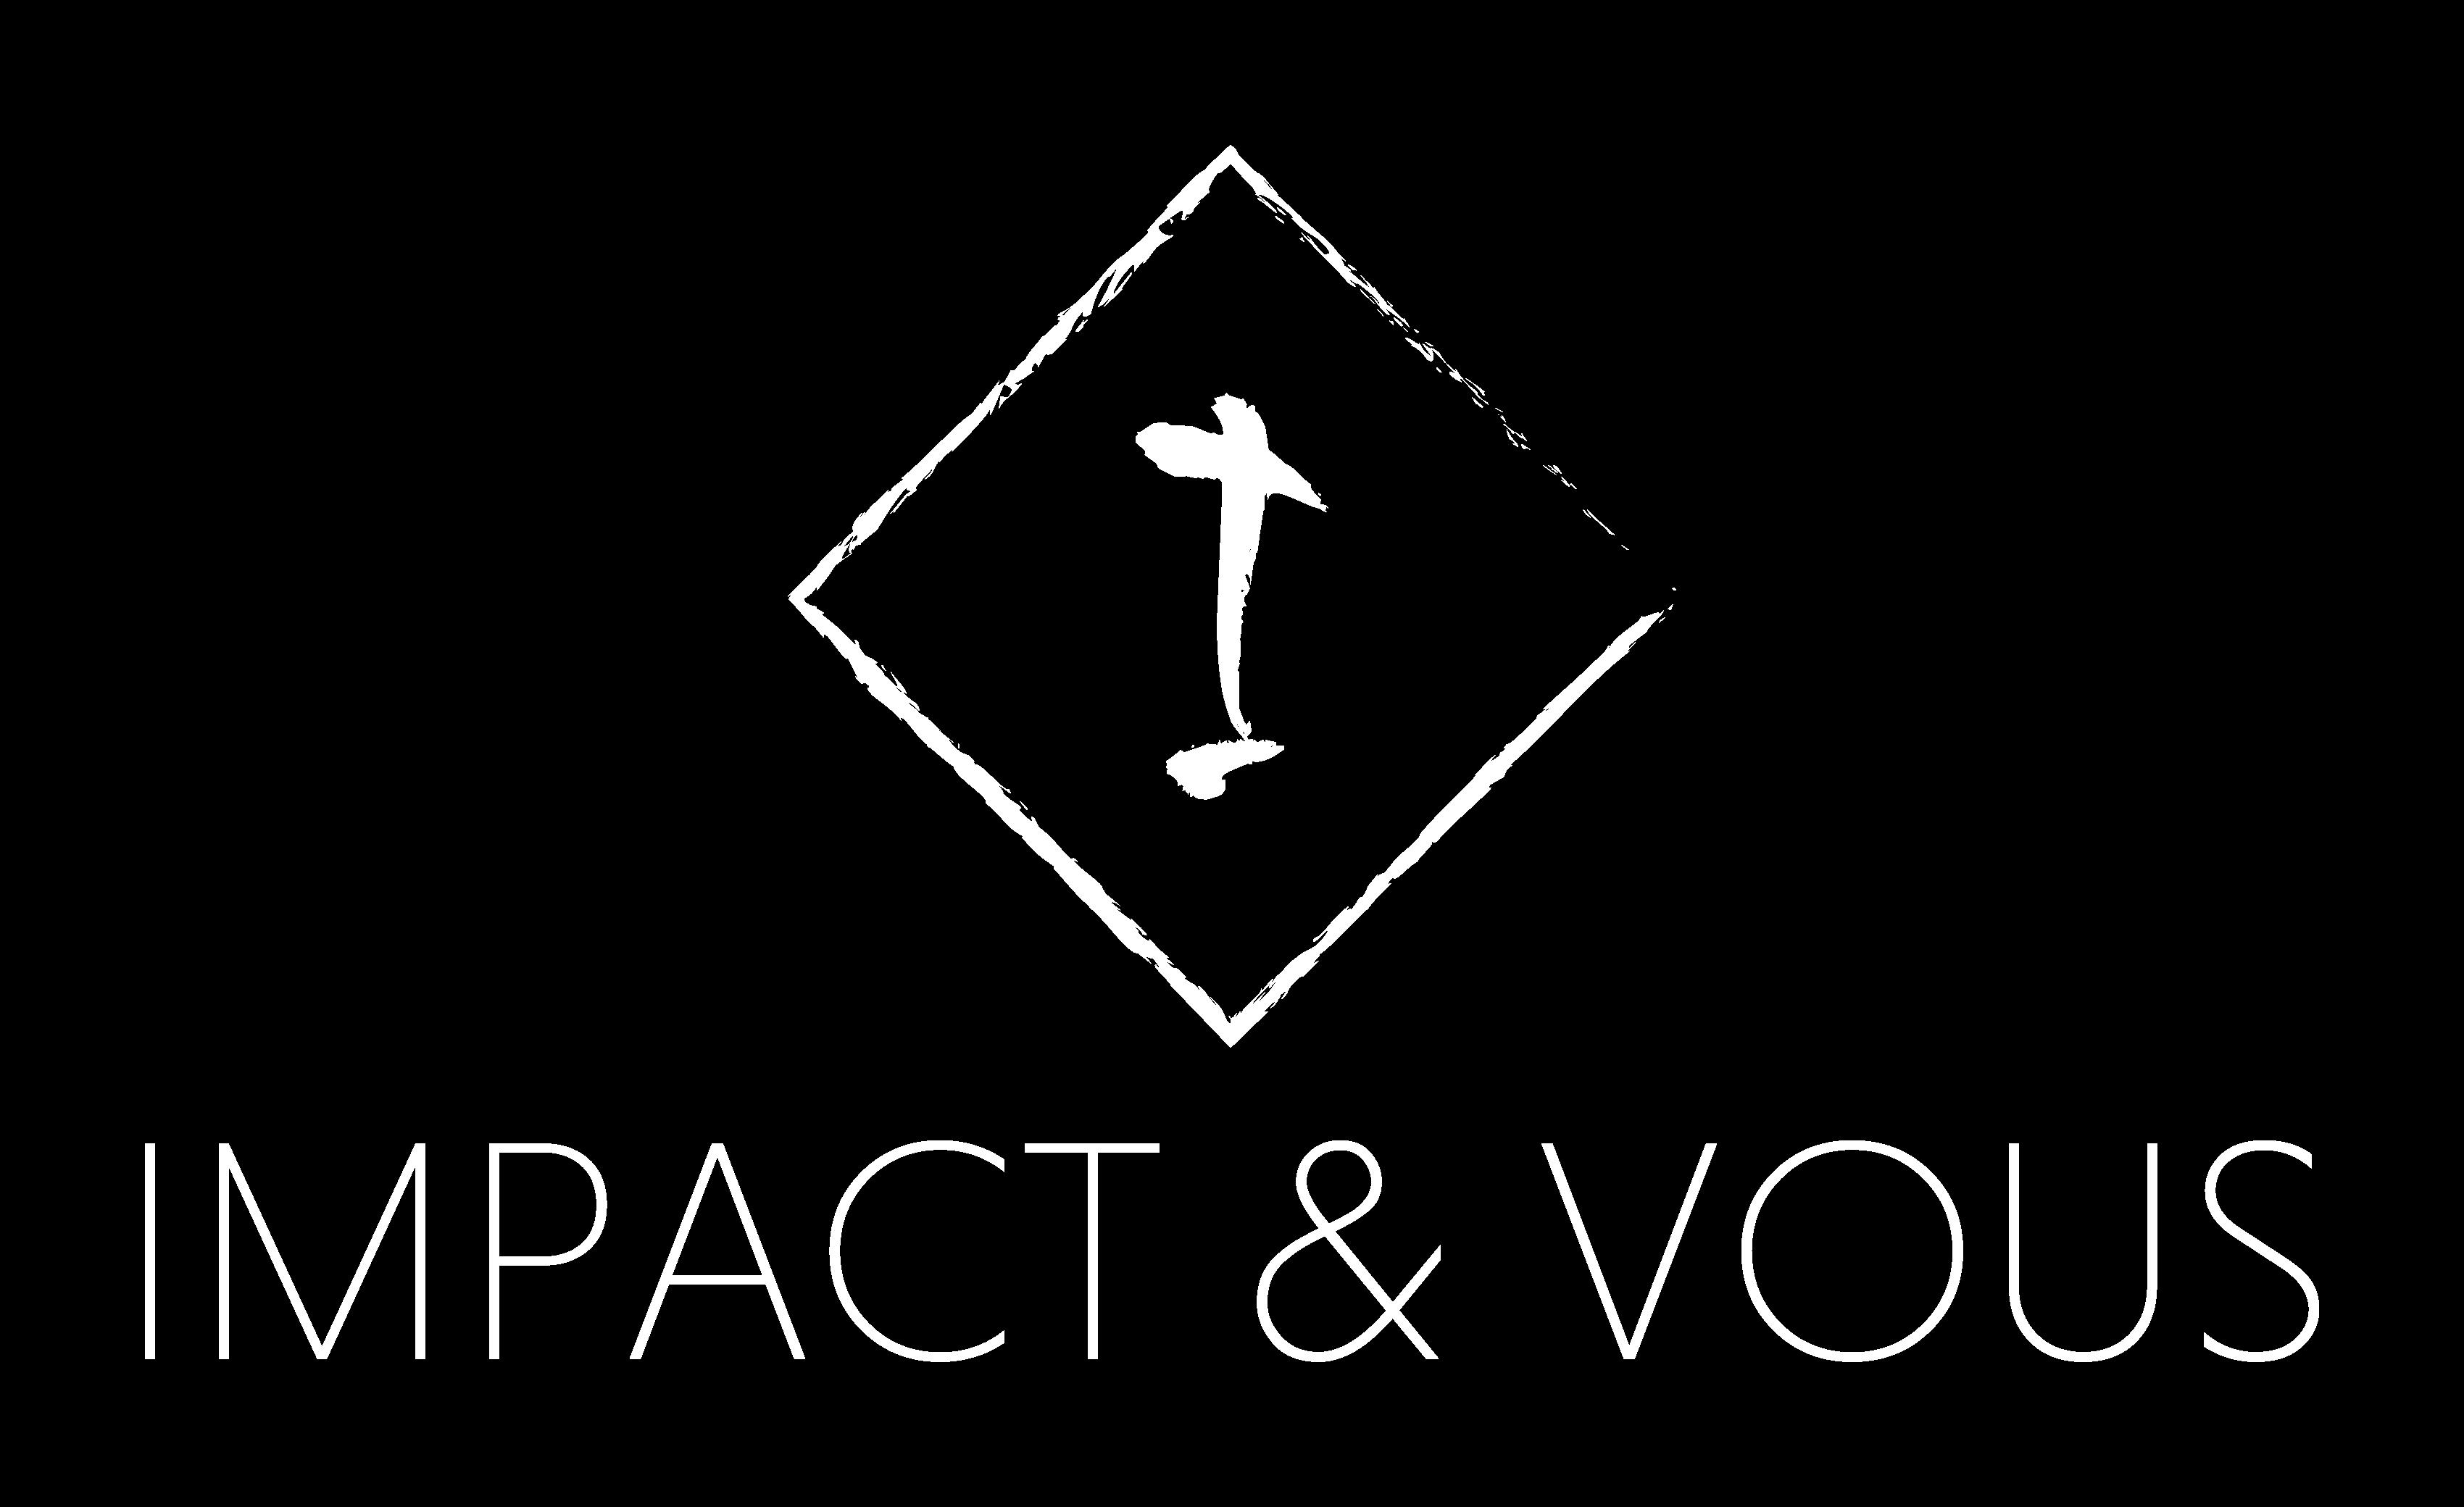 Impact & Vous